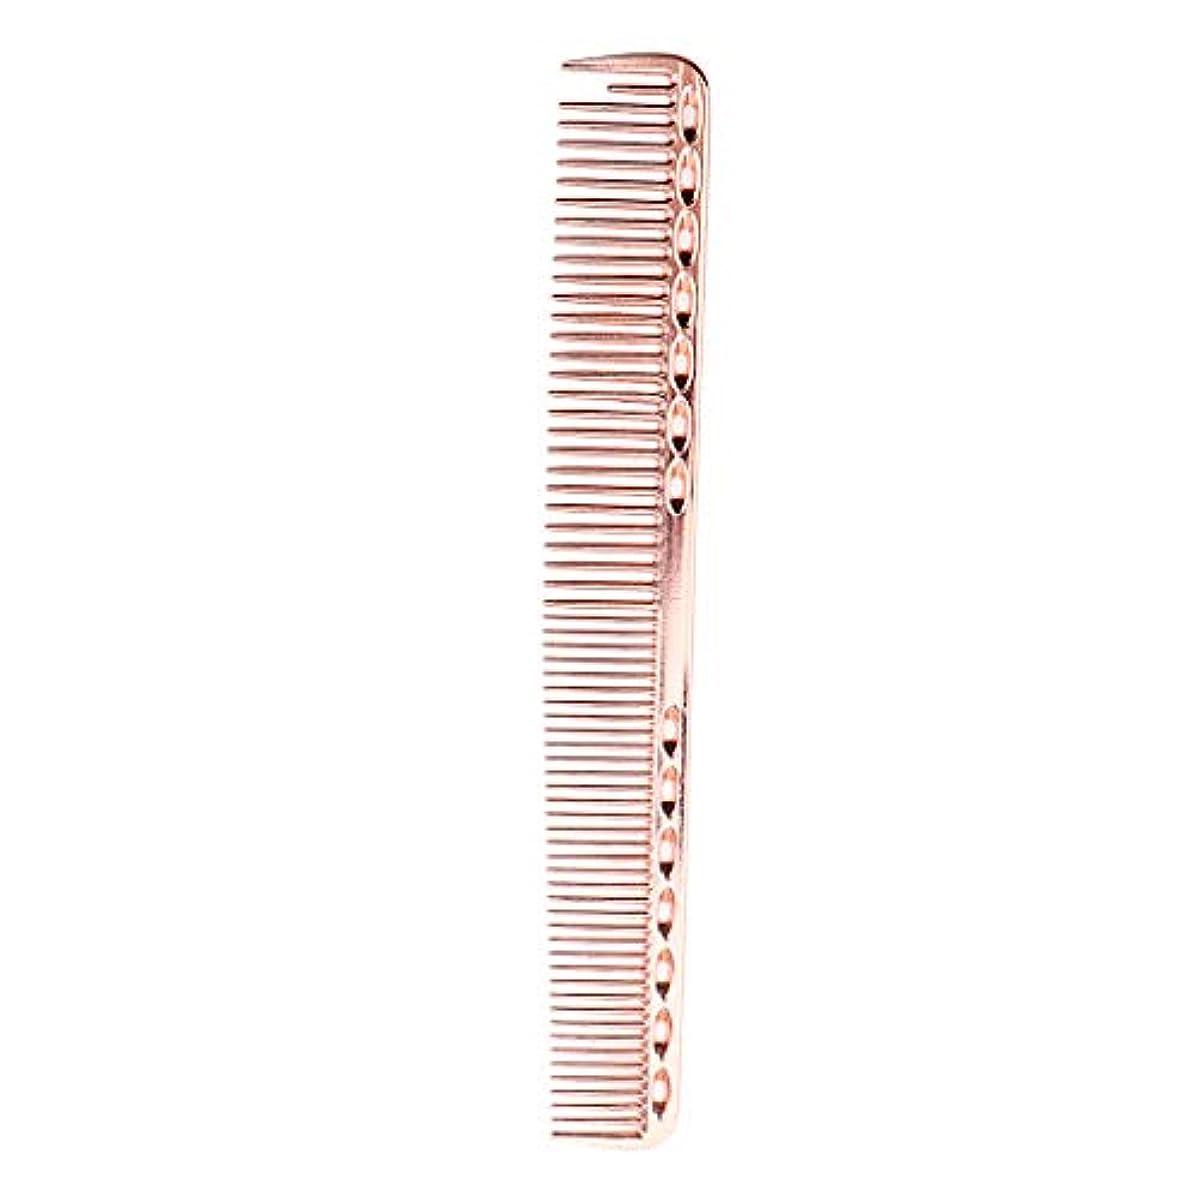 ストレスの多いリテラシー熱意帯電防止櫛 頭皮マッサージ ヘアコーム プロ ヘアサロン 自宅用 5色選べ - ローズピンク